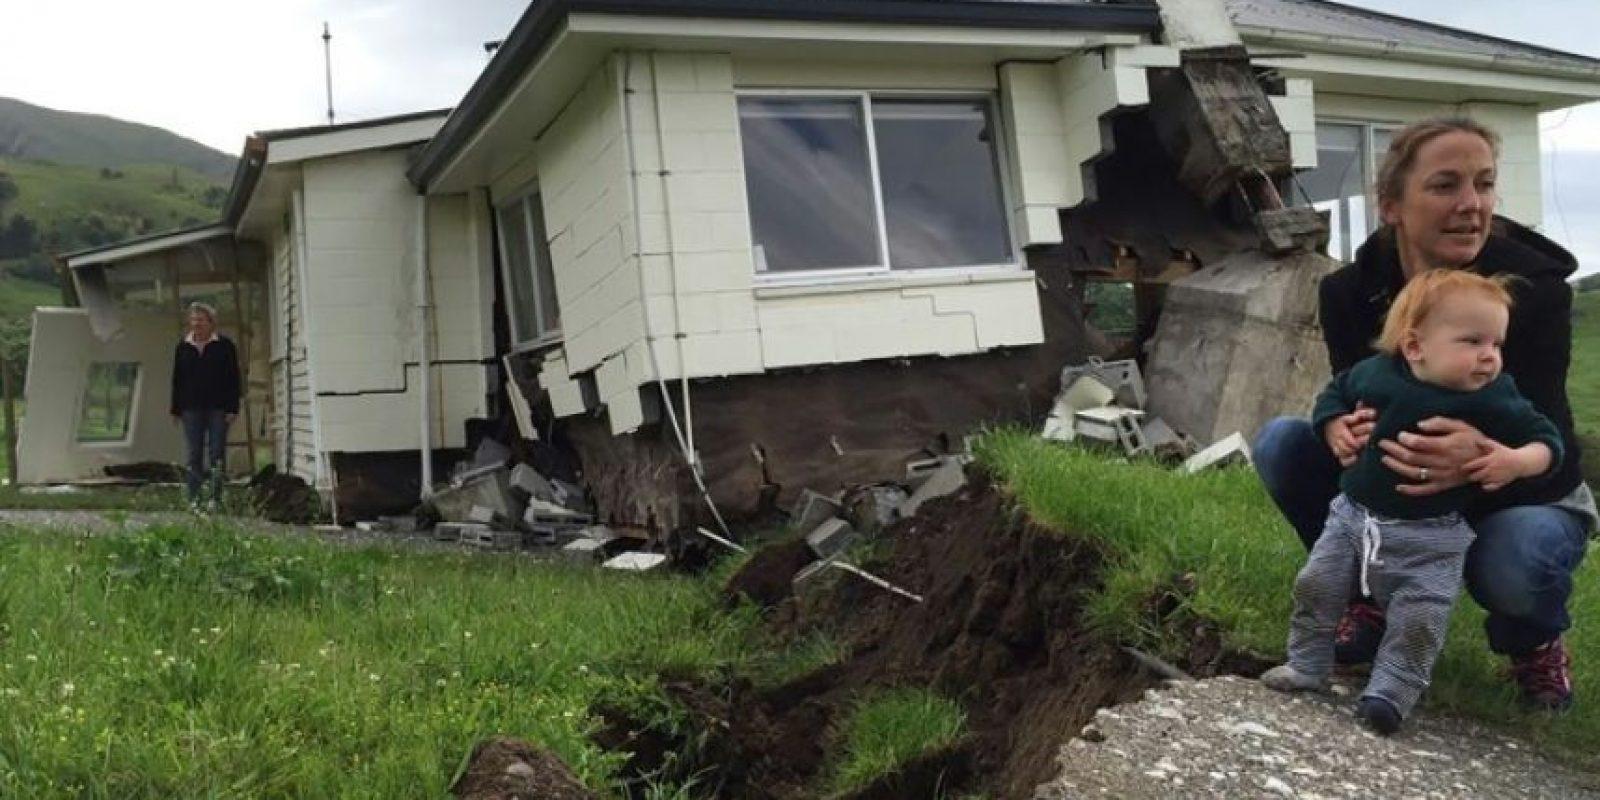 Una mujer y su hijo enfrente de su casa dañada por el terremoto de Nueva Zelanda, cerca de Kaikoura, en la costa este de la Isla Sur, el 14 de noviembre de 2016 Foto:Alex Perrottet/afp.com